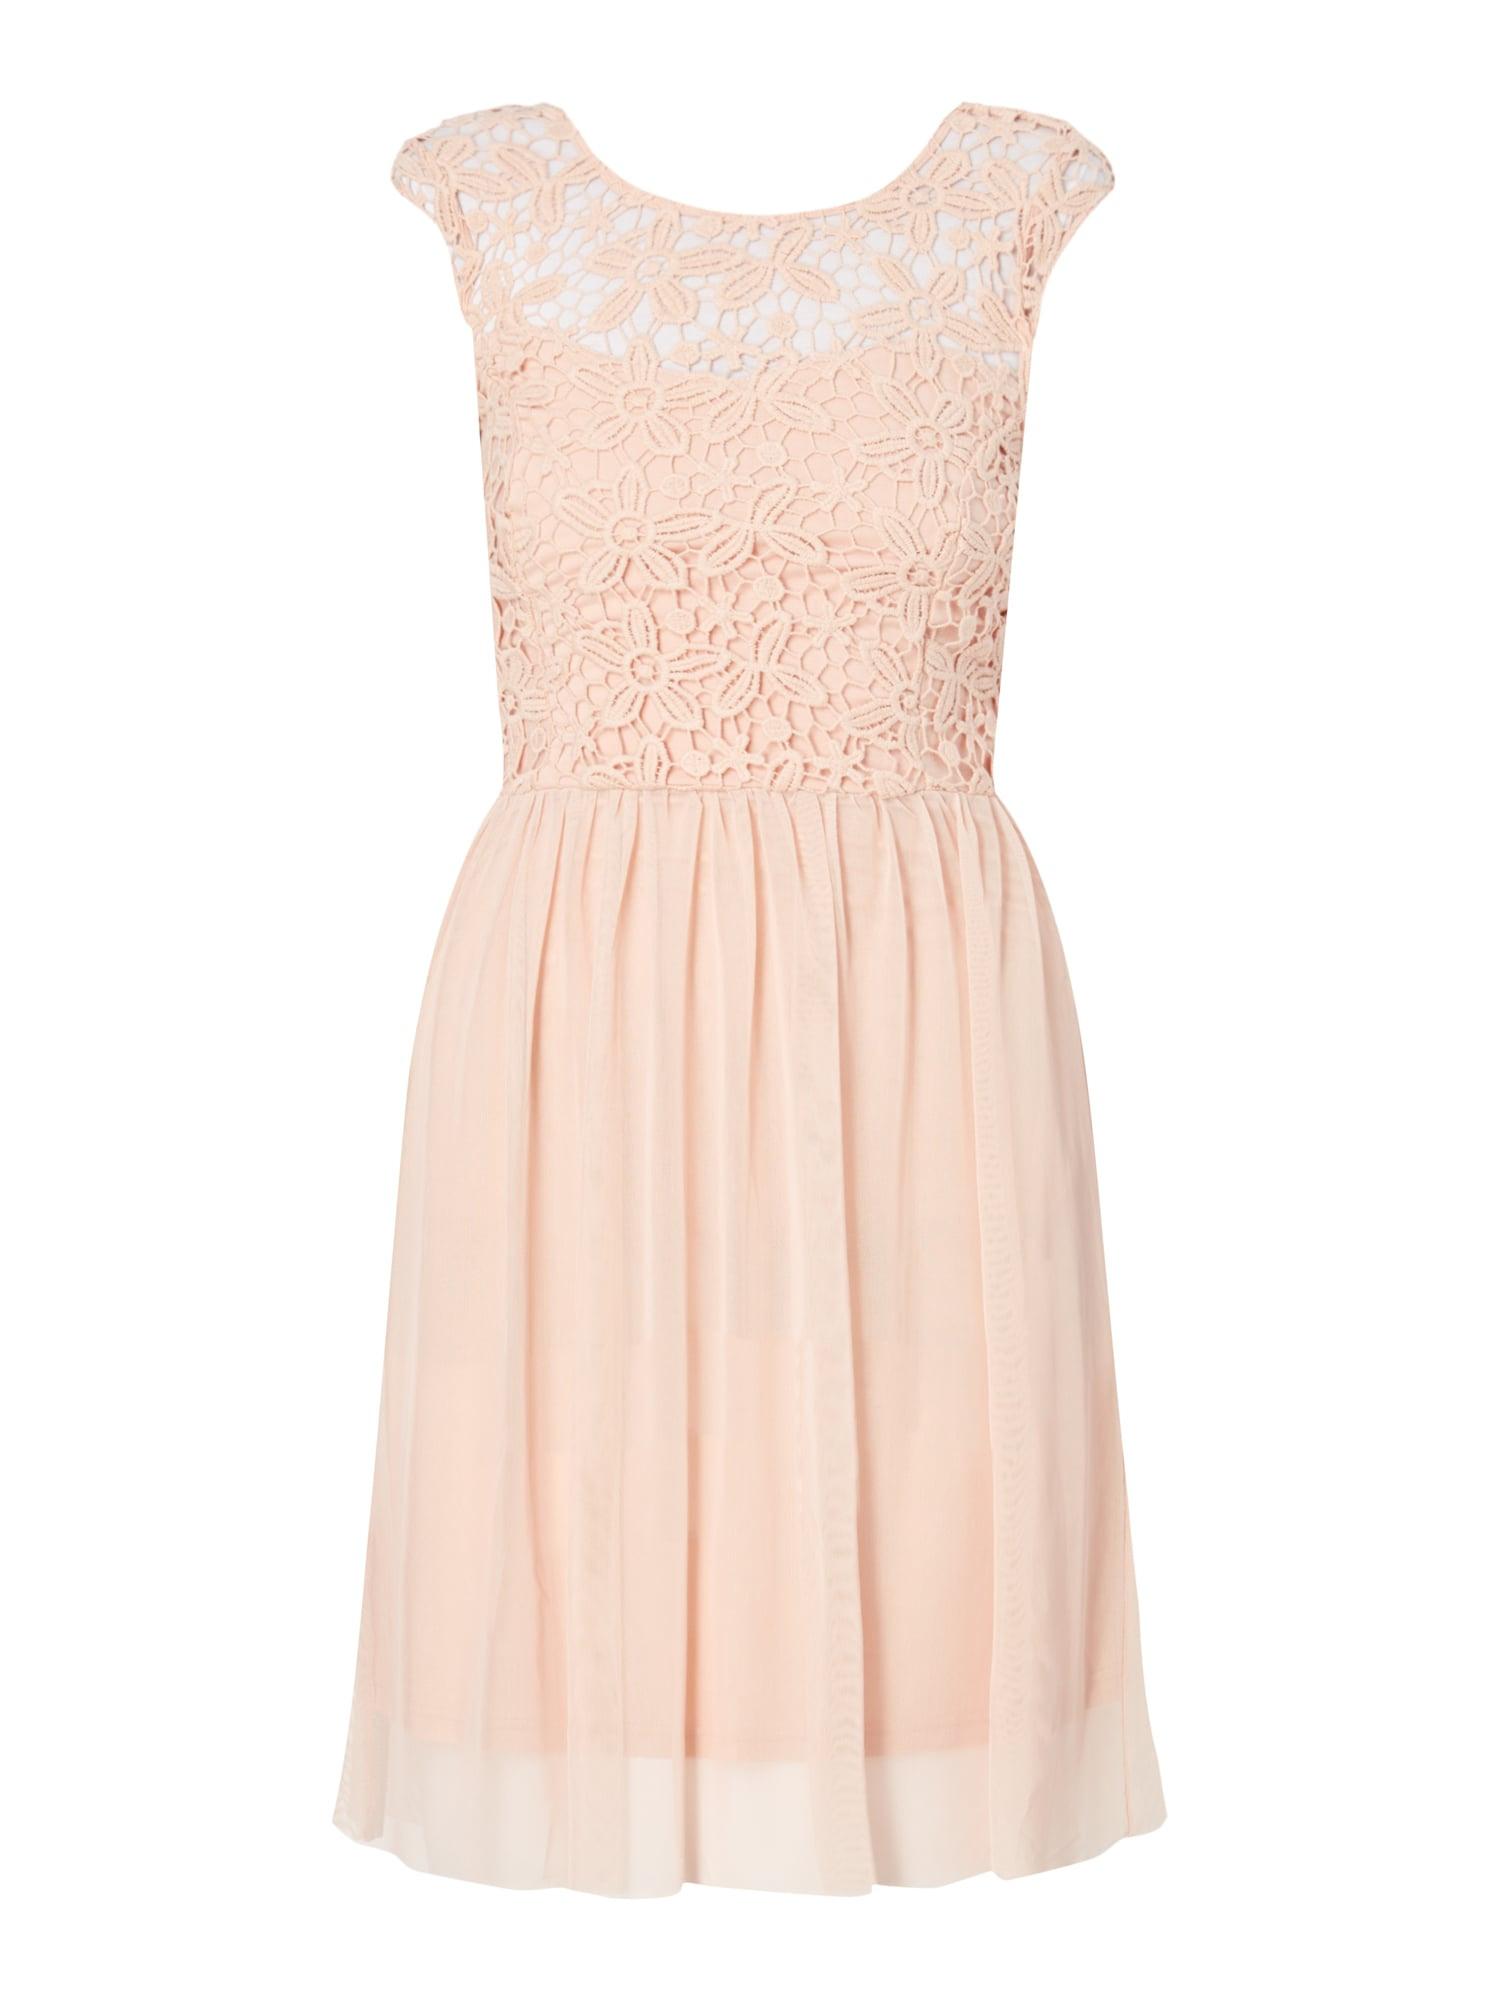 Only Kleid Aus Häkelspitze Und Mesh In Rosé Online Kaufen (9740835) ▷ P&c  Online Shop